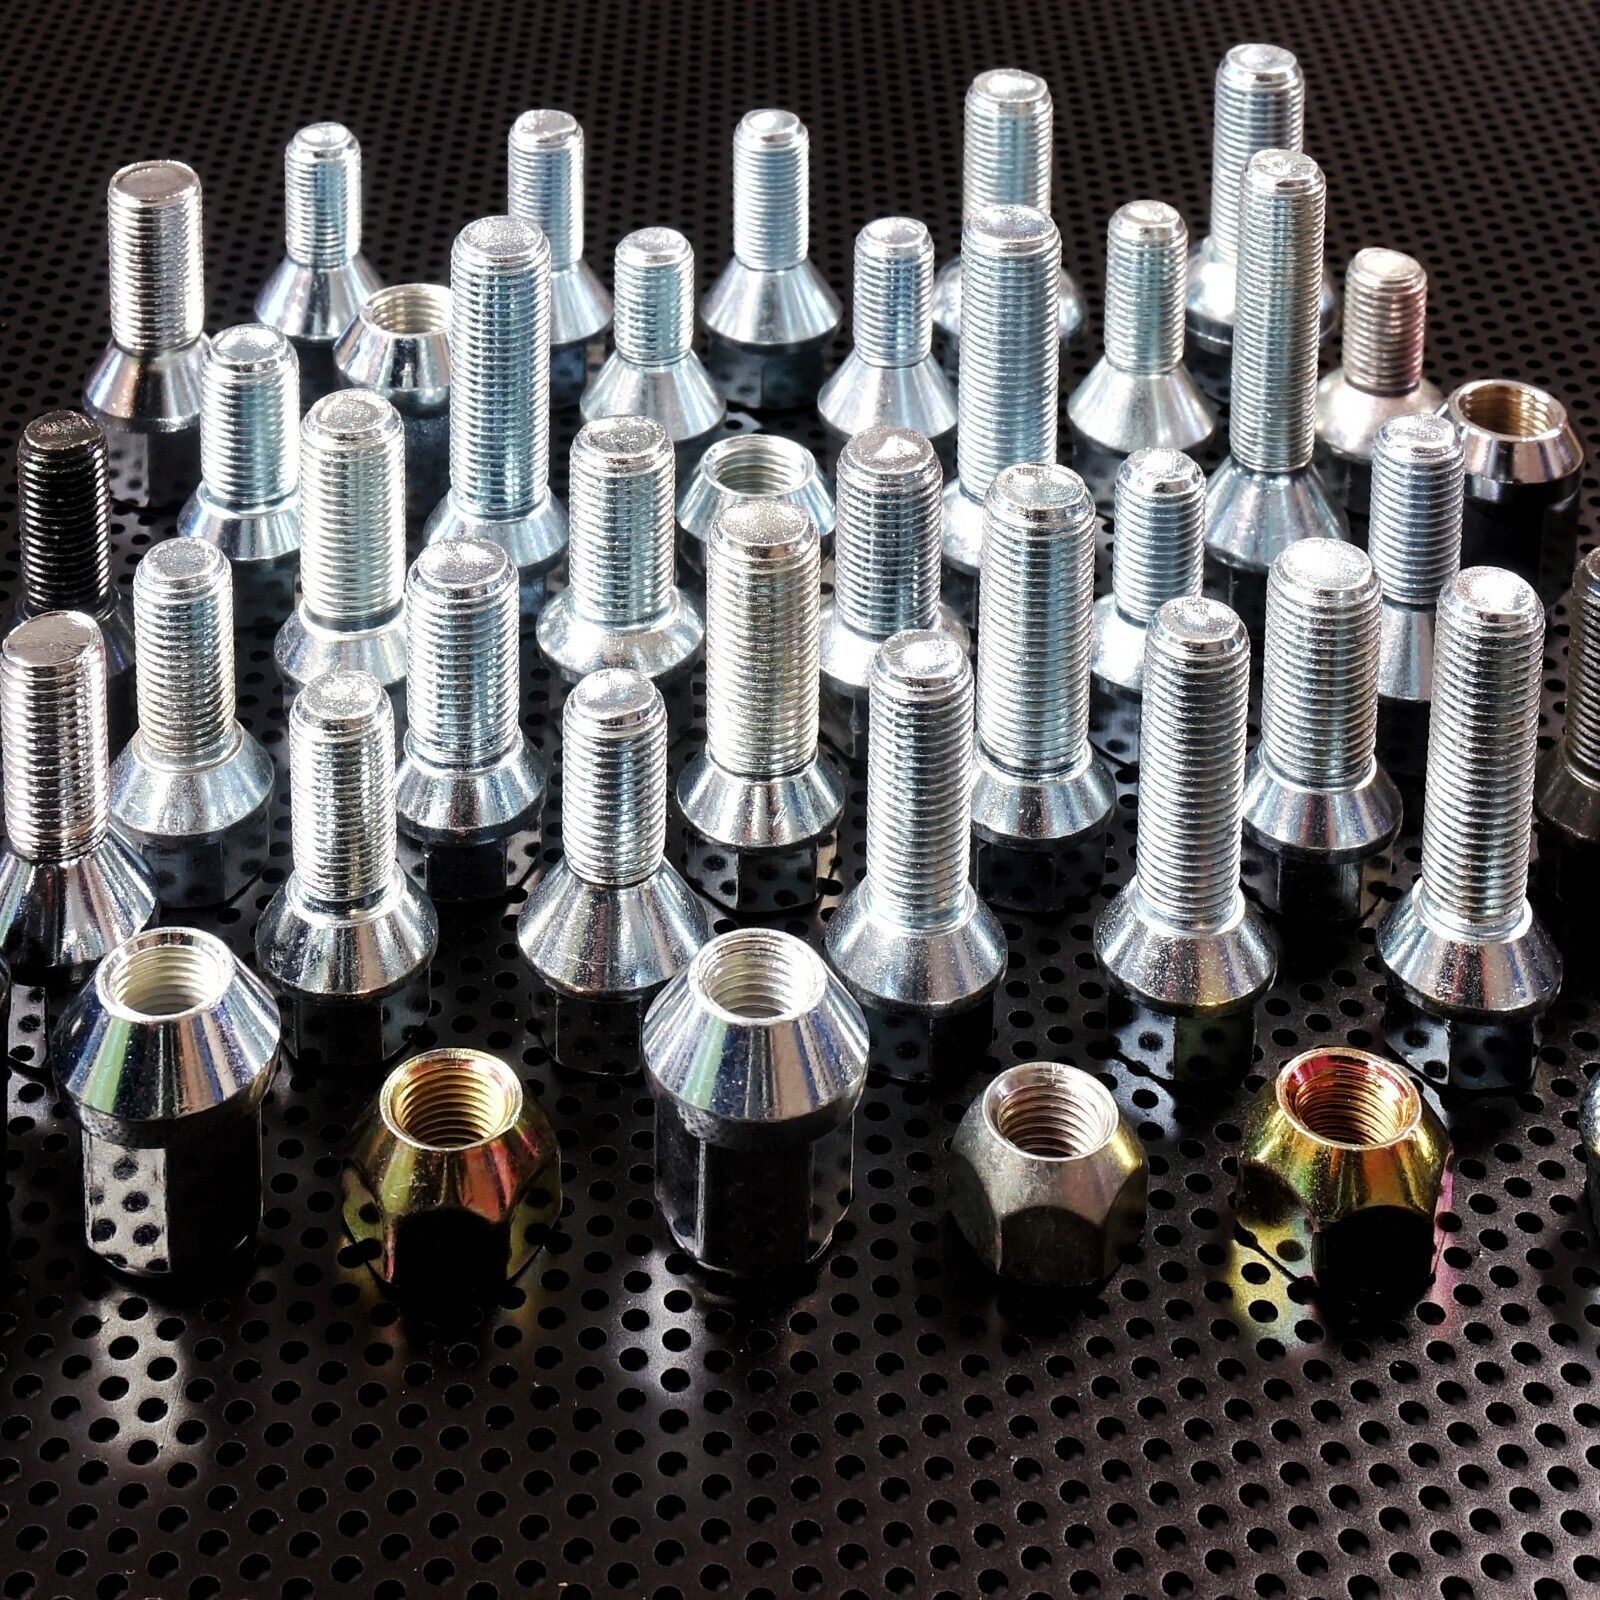 Radschrauben Radbolzen M14 x 1,5 Kegelbund Kugelbund für Alufelgen Stahlfelgen